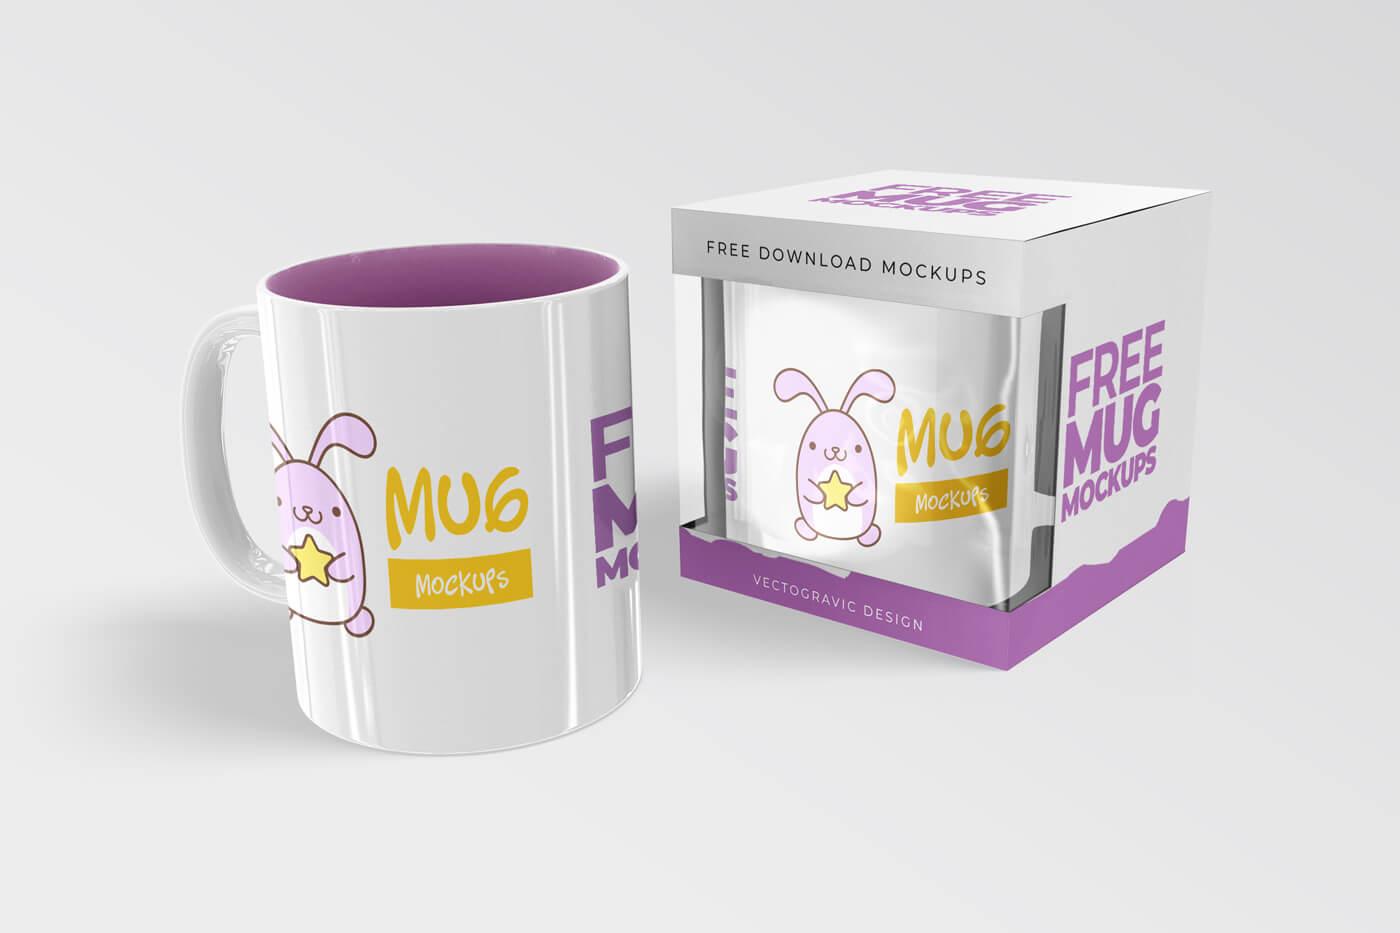 Free Mug Mockups 01